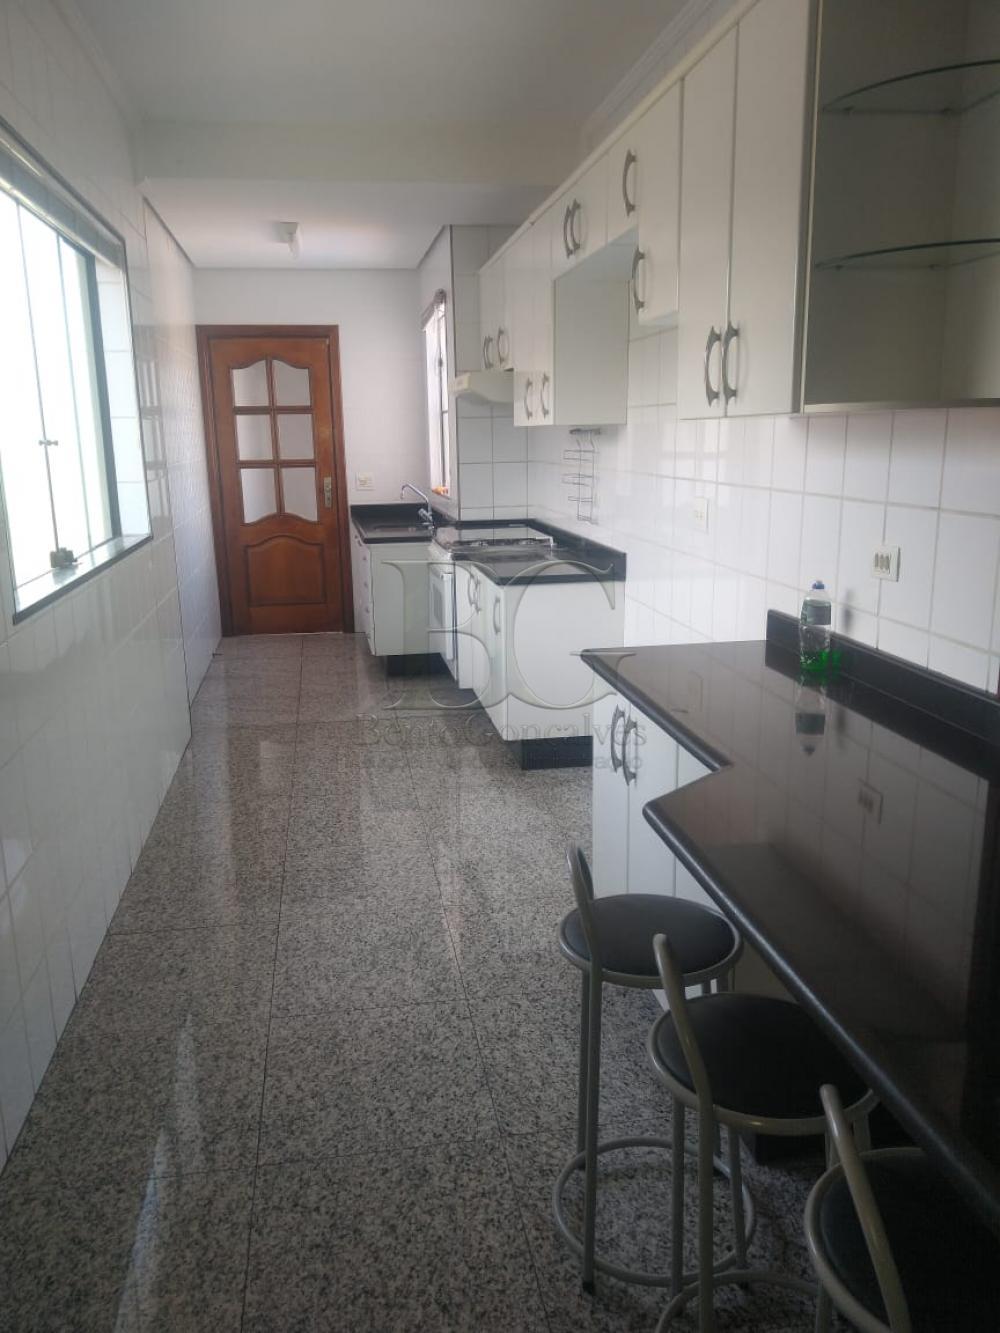 Comprar Casas / Padrão em Poços de Caldas apenas R$ 800.000,00 - Foto 19